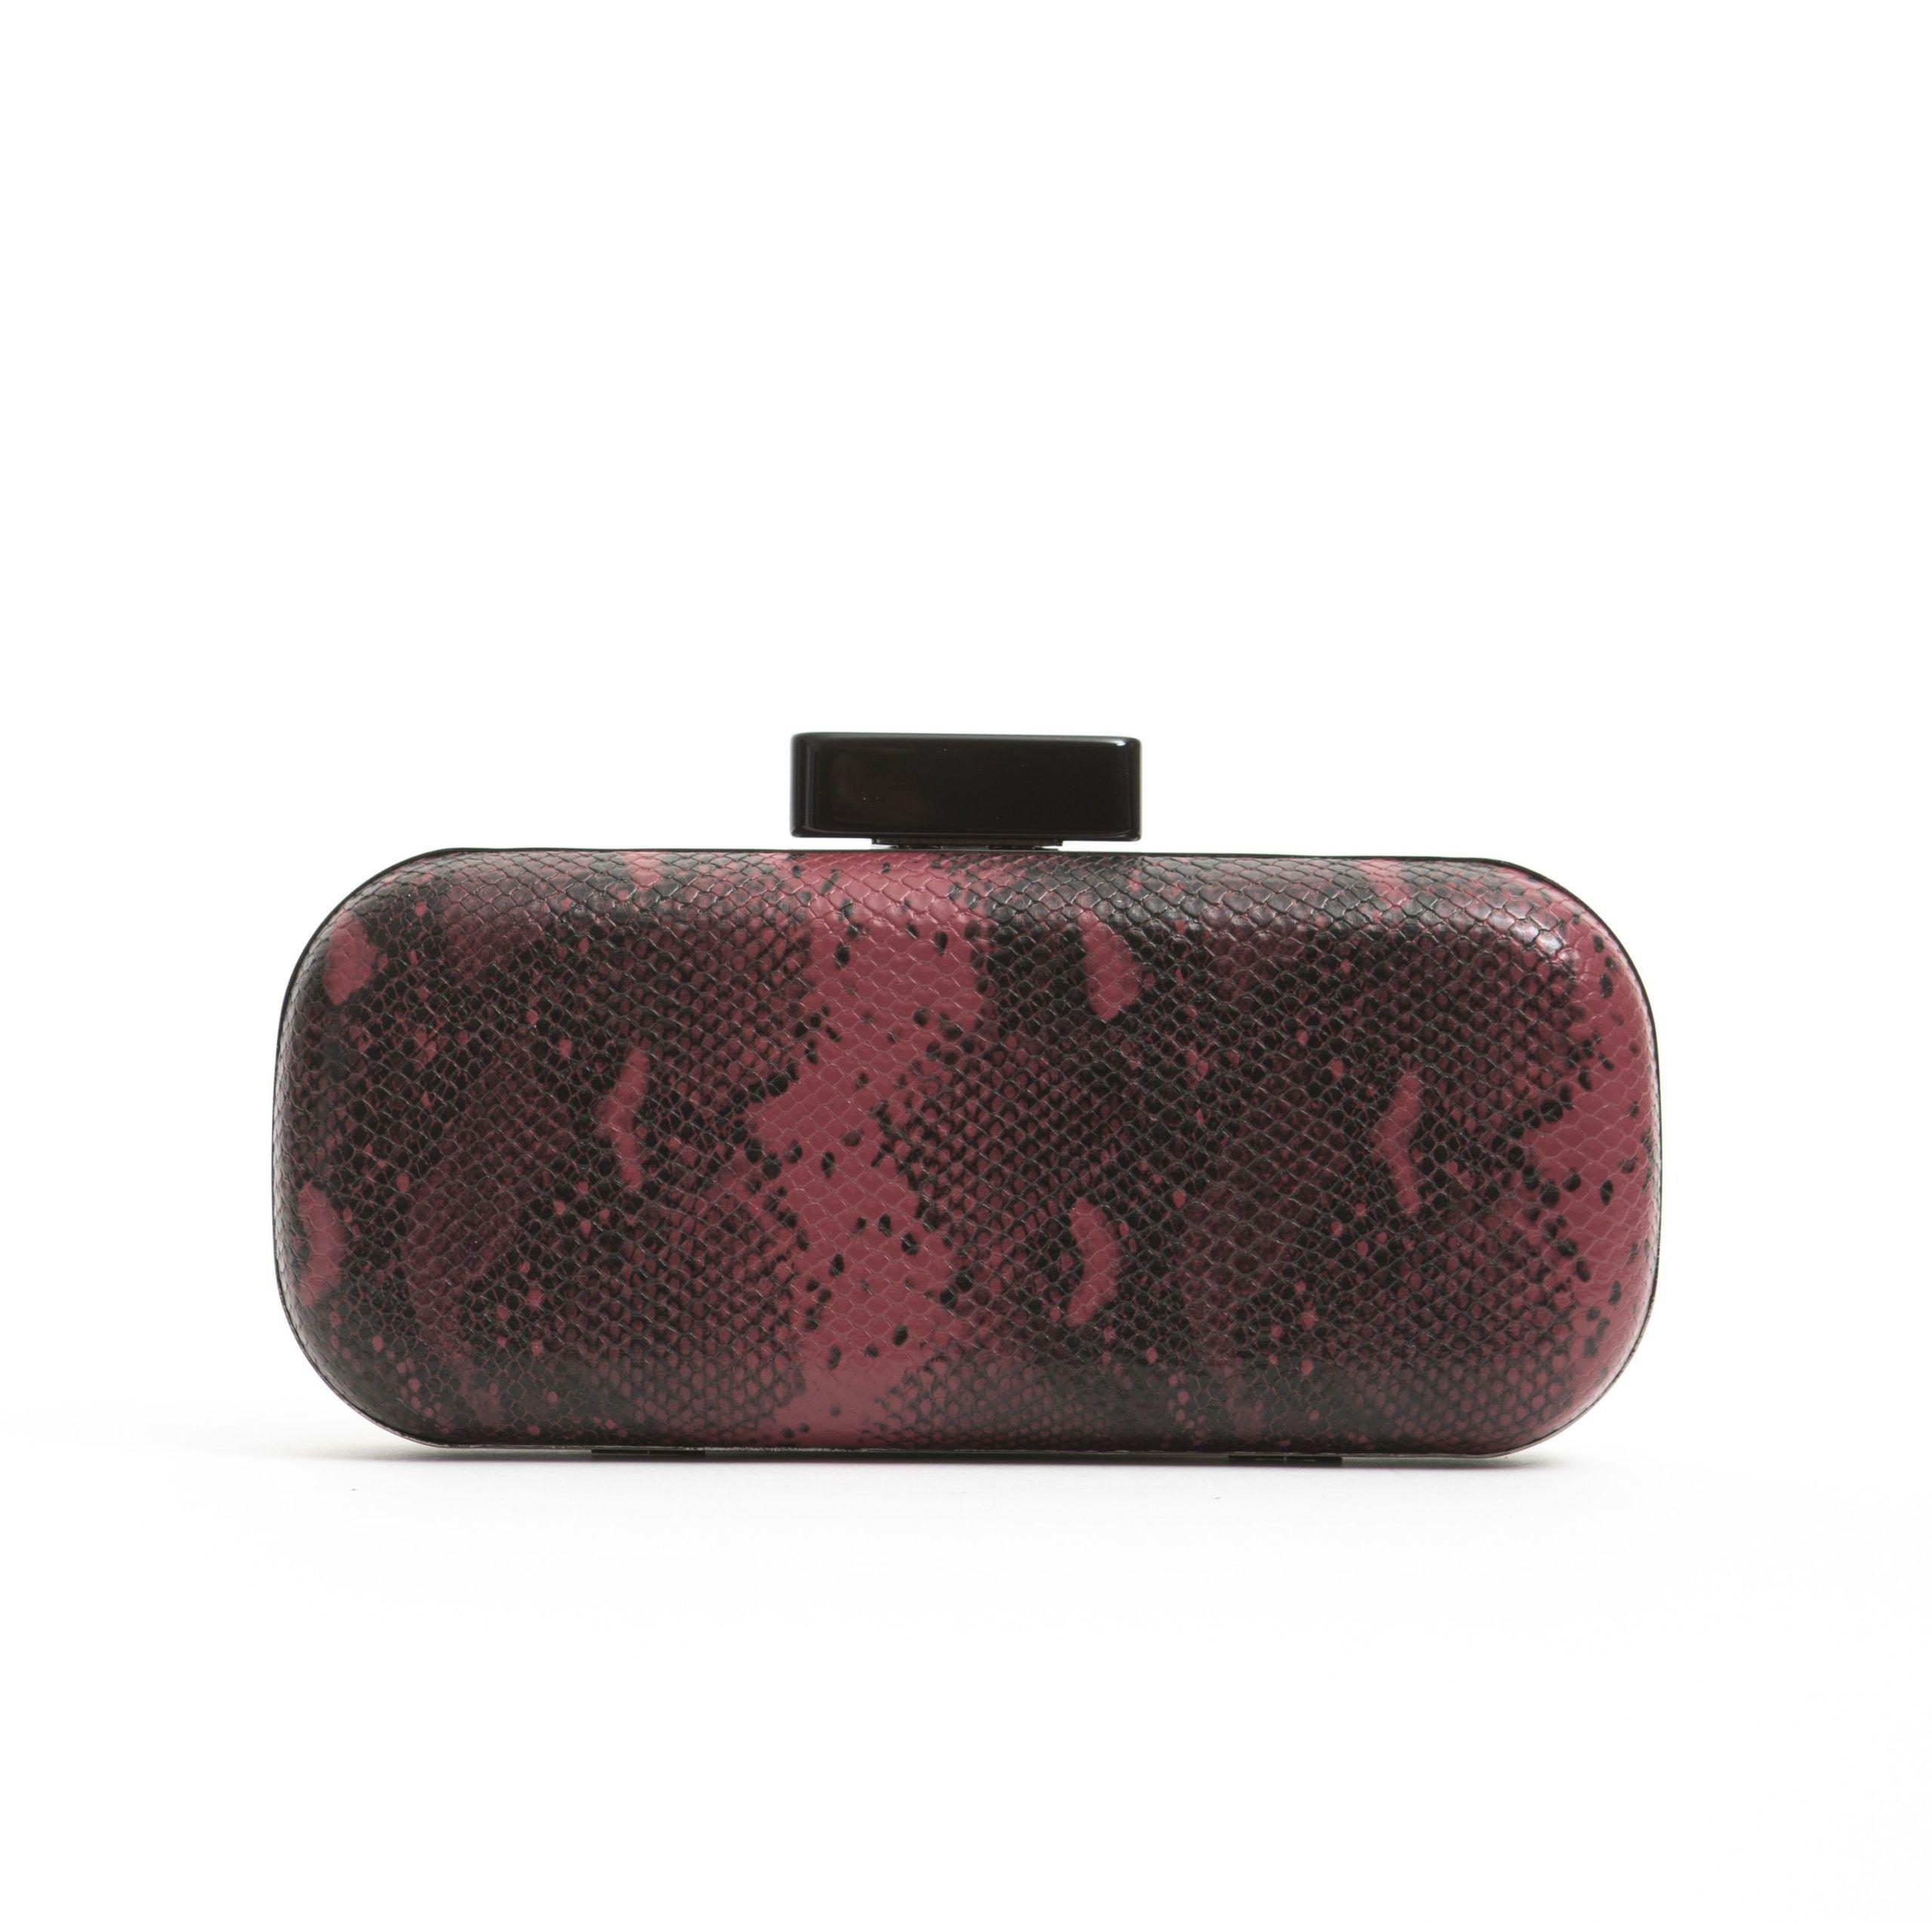 Cerruti 1881 Bordeaux Clutch Bag